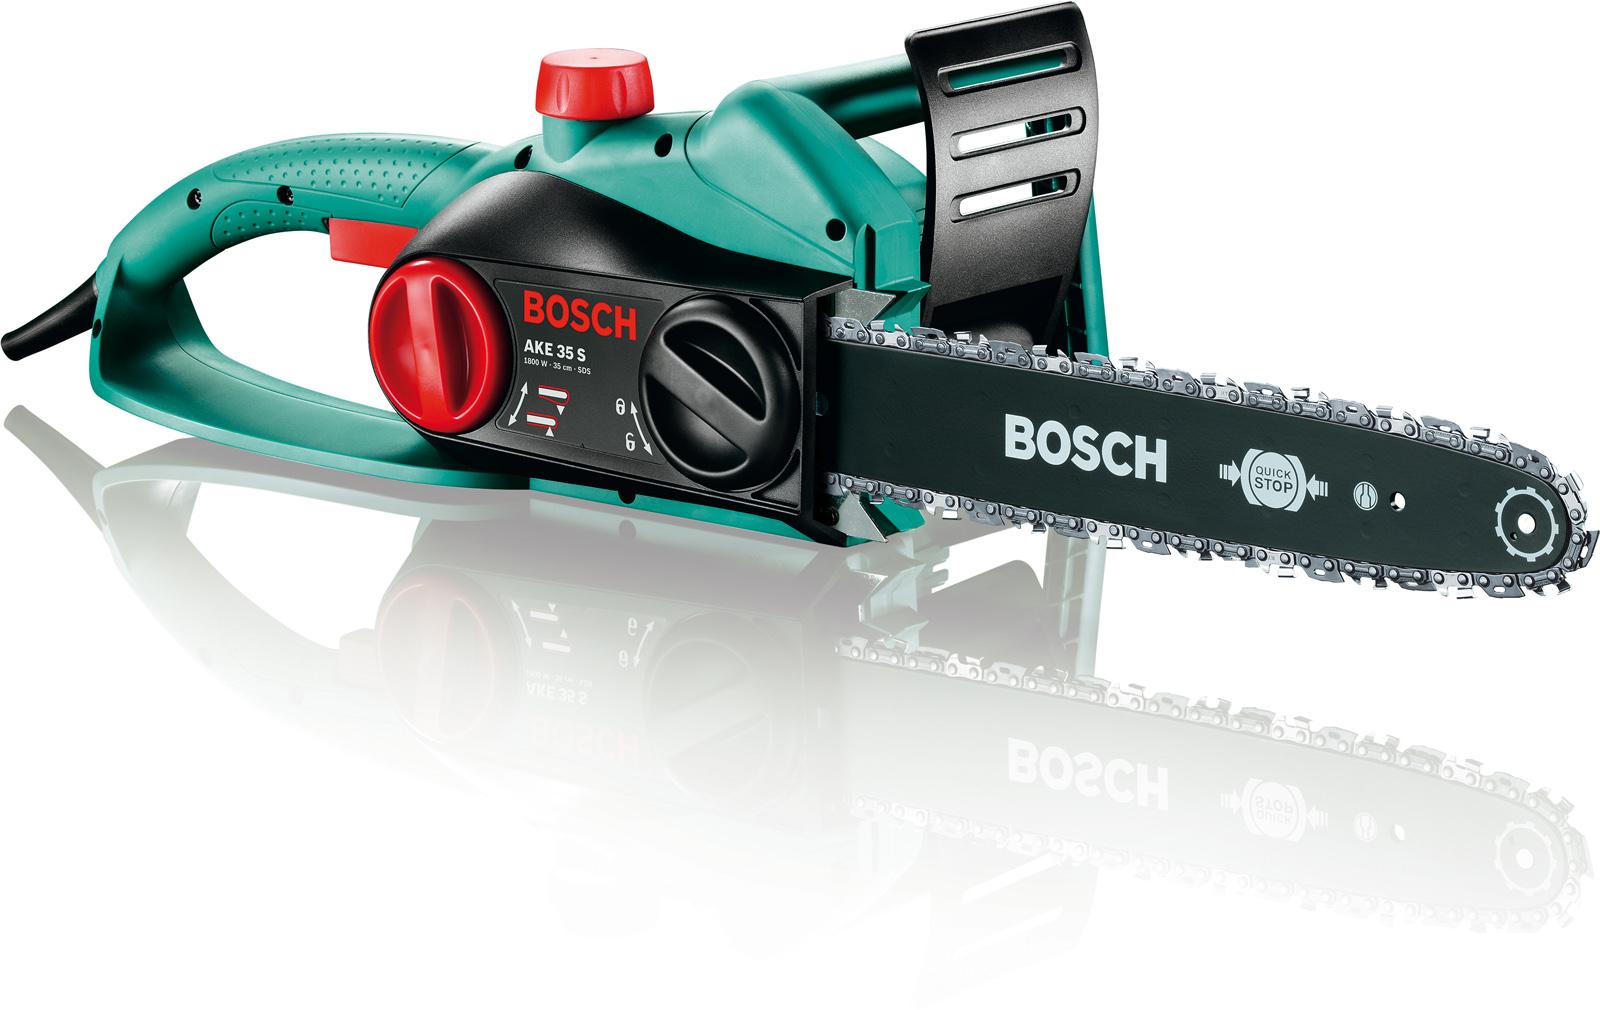 Пила цепная Bosch Ake 35 s (0.600.834.500) купить цепь длина шины 35 см шаг цепи 3 8 дюйм